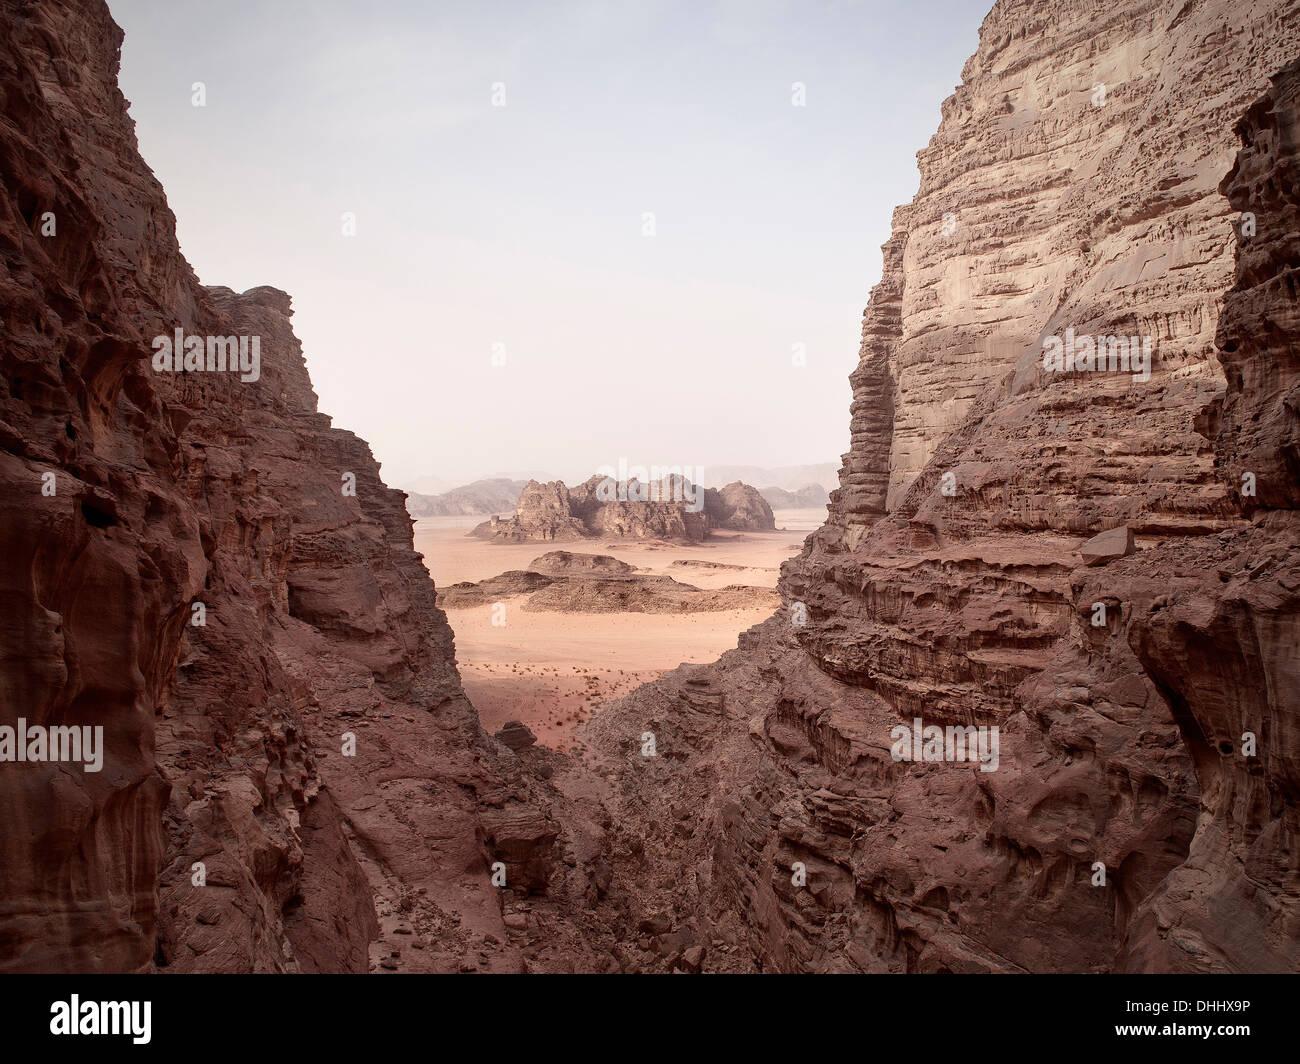 Vue à couper le souffle de Wadi Rum, les sept piliers de la sagesse de la randonnée, de la Jordanie, Moyen-Orient, Asie Photo Stock